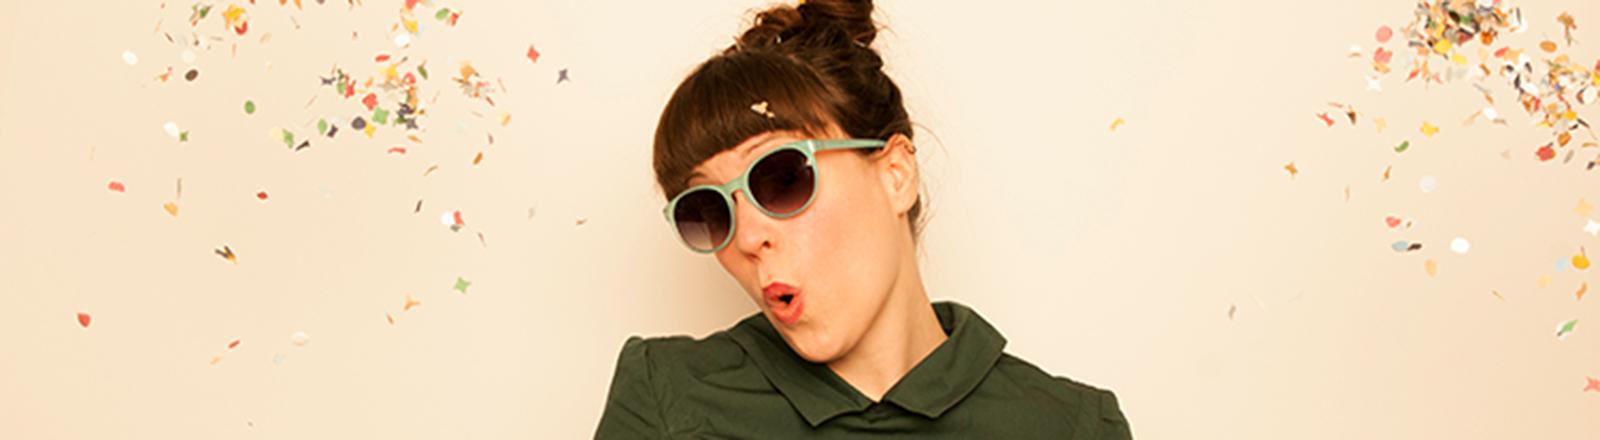 Eine junge Frau mit Sonnenbrille wirft Konfetti in die Luft und freut sich.